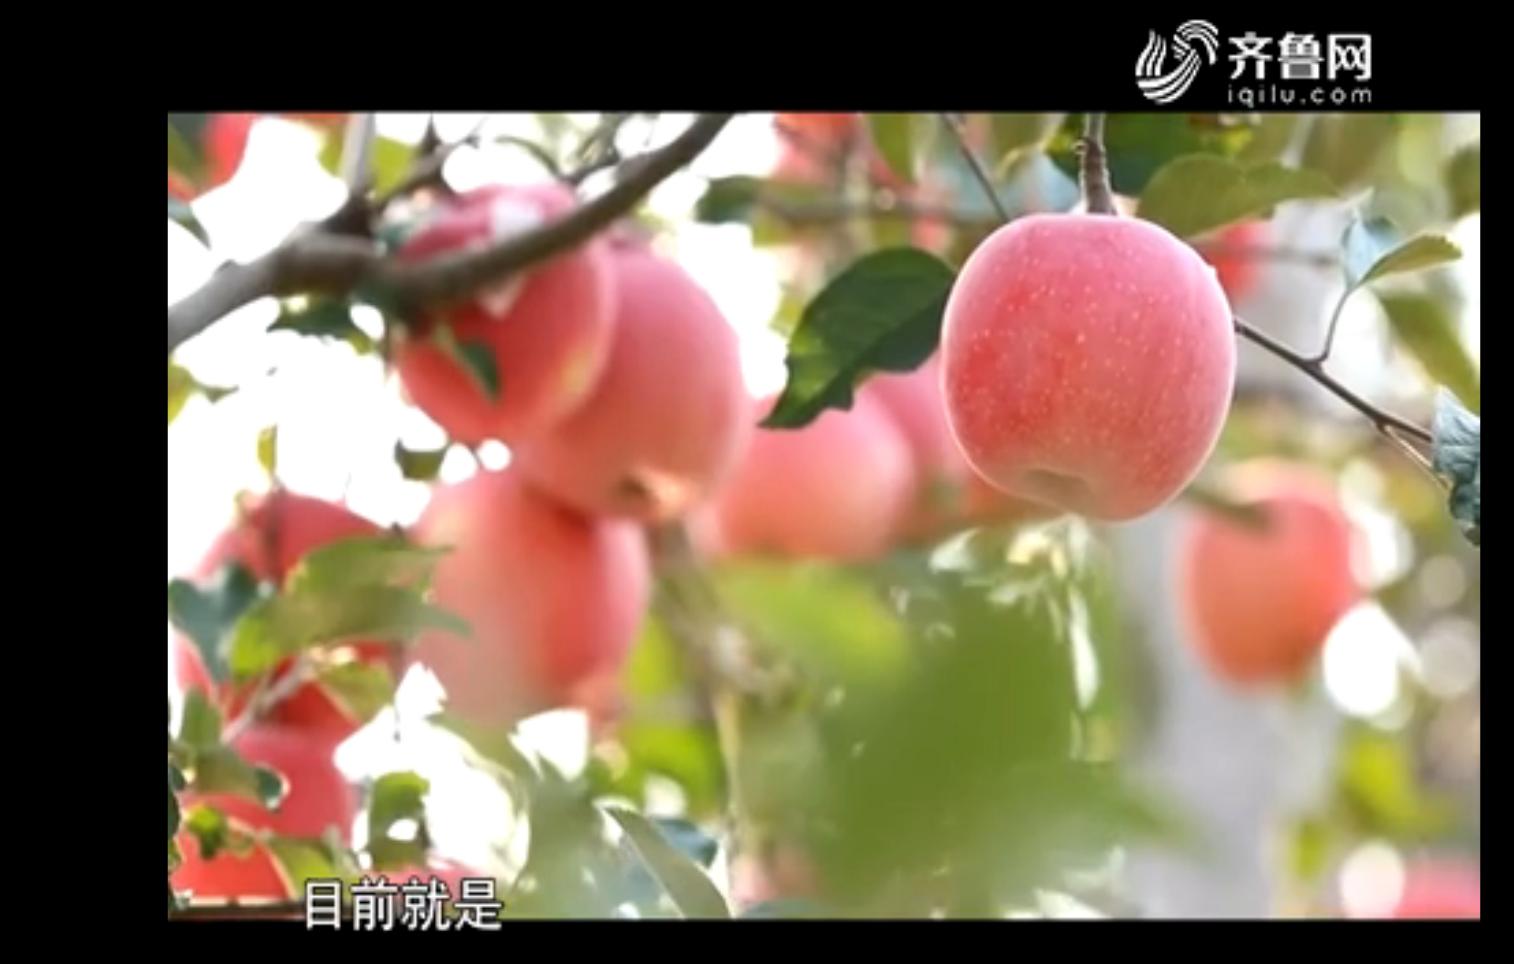 品牌农业在山东:第一个苹果